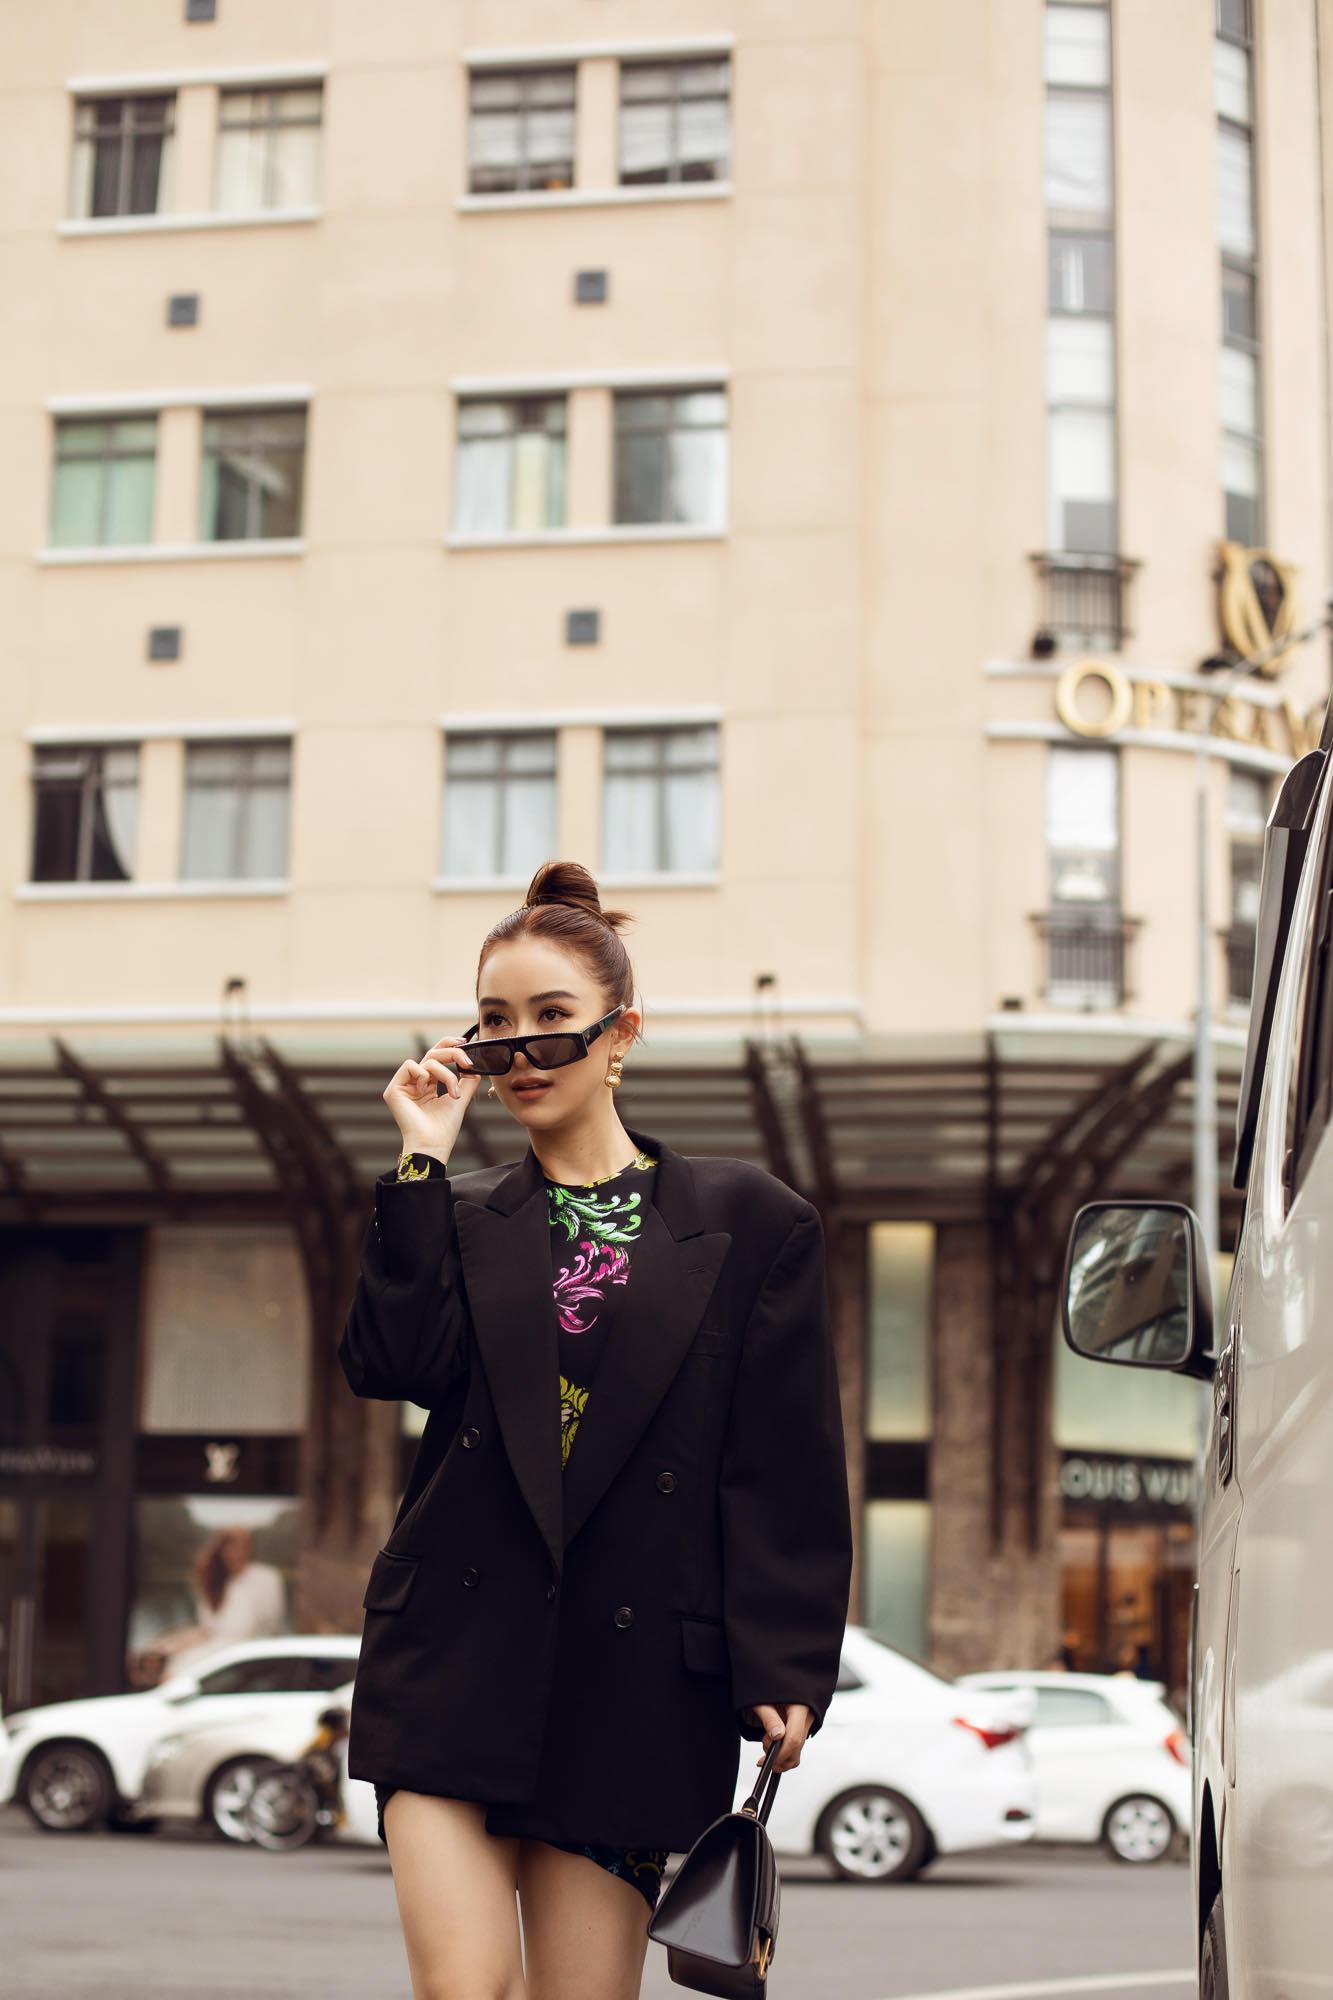 Trong set đồ thứ 2, Hà Thu vẫn sử dụng áo của thương hiệu Versace Jeans kết hợp cùng mắt kính Chanel, túi Pag Prada cùng giày Balenciaga. Ở cách mix&match này, người đẹp xứ Huế mềm mài và nữ tính hơn.